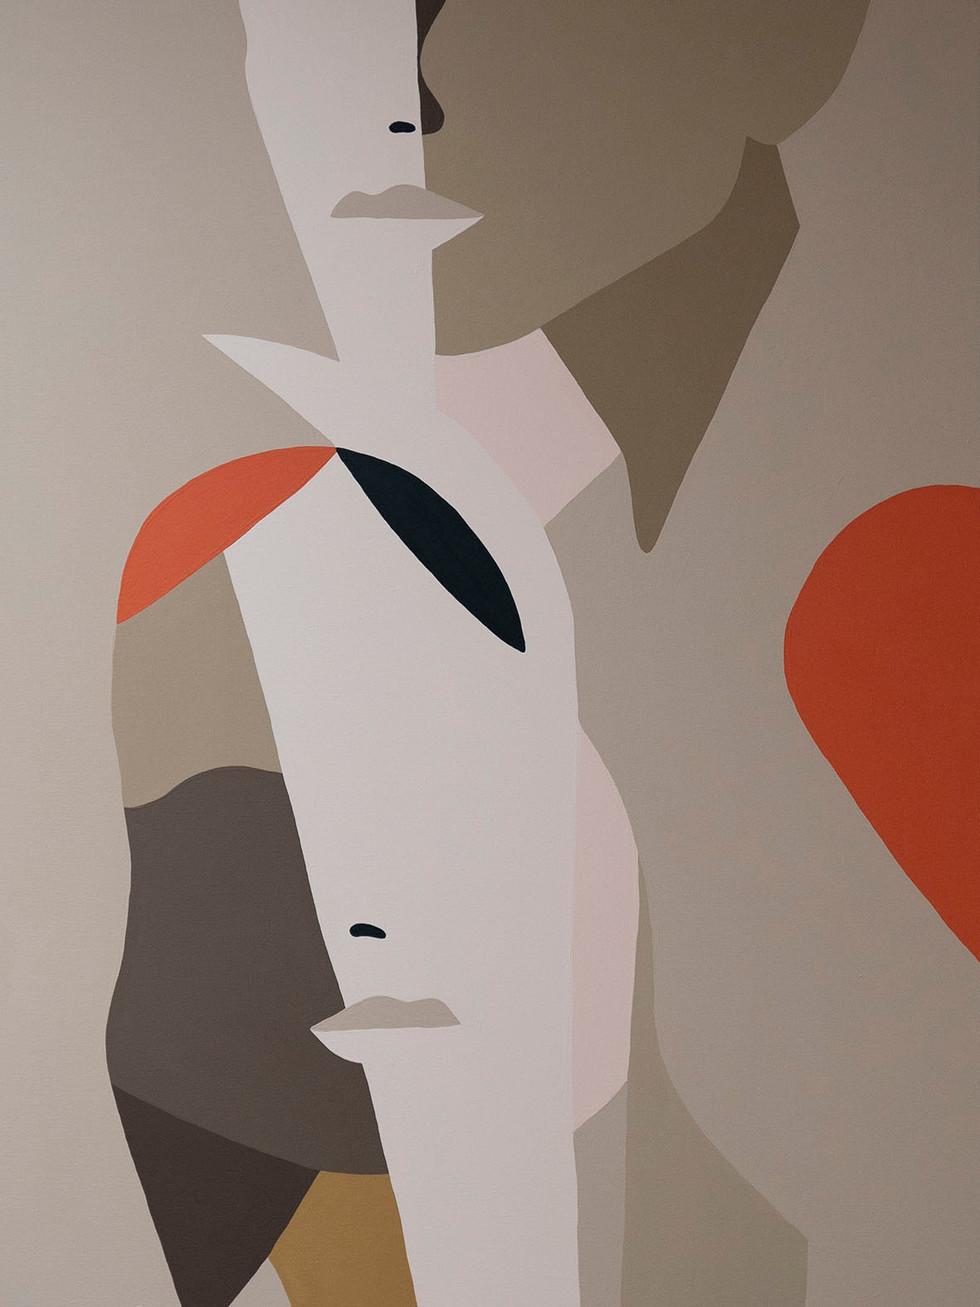 The Daisy Chain, 2021 (sold) acrylic on canvas 60 x 80 cm